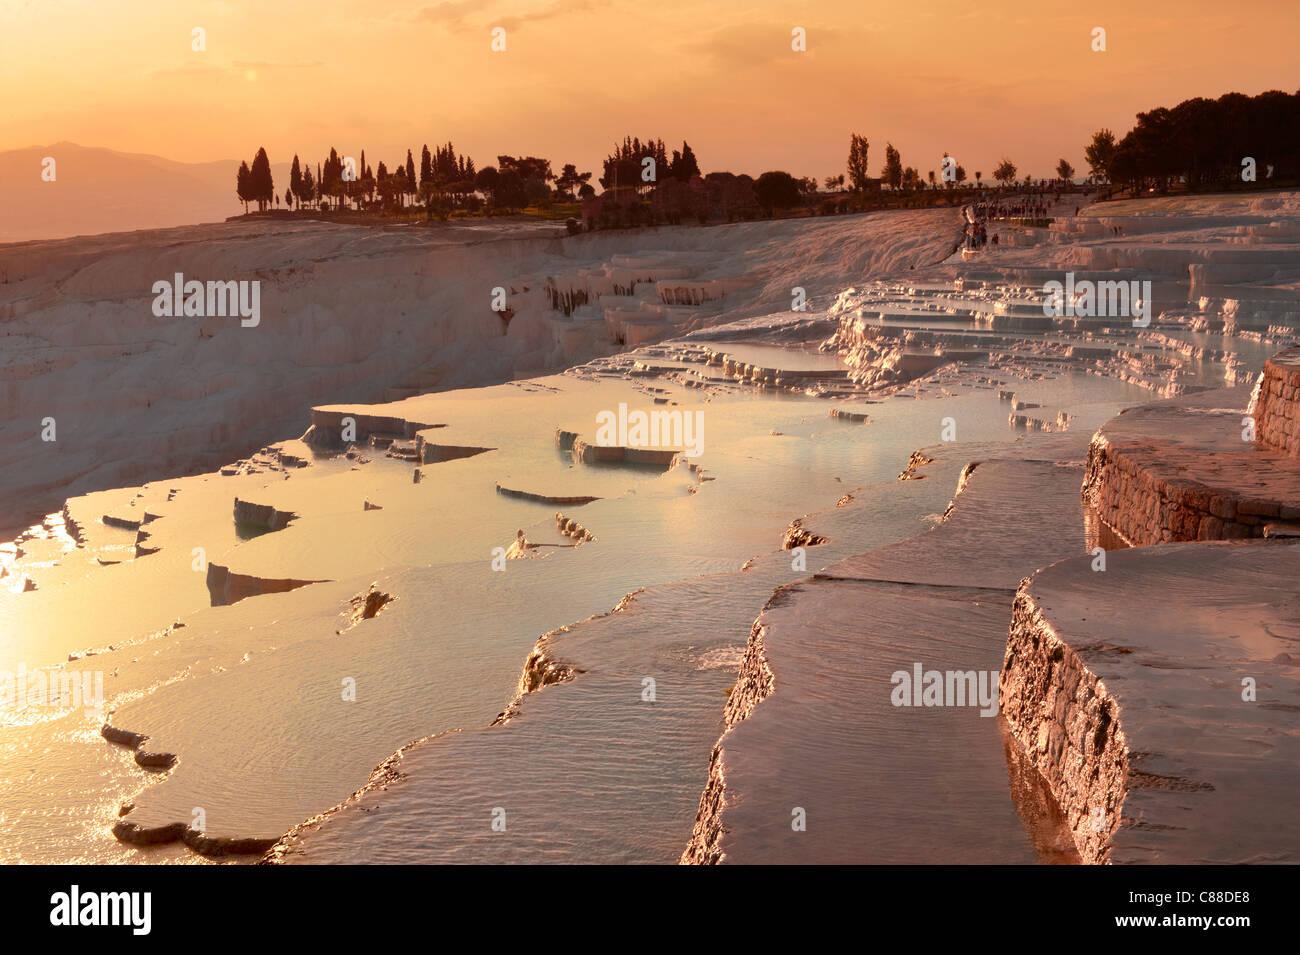 Pamukkale travetine terrasse cascade, composé de carbonate de calcium blanc rock formations, Pamukkale, Turquie Photo Stock